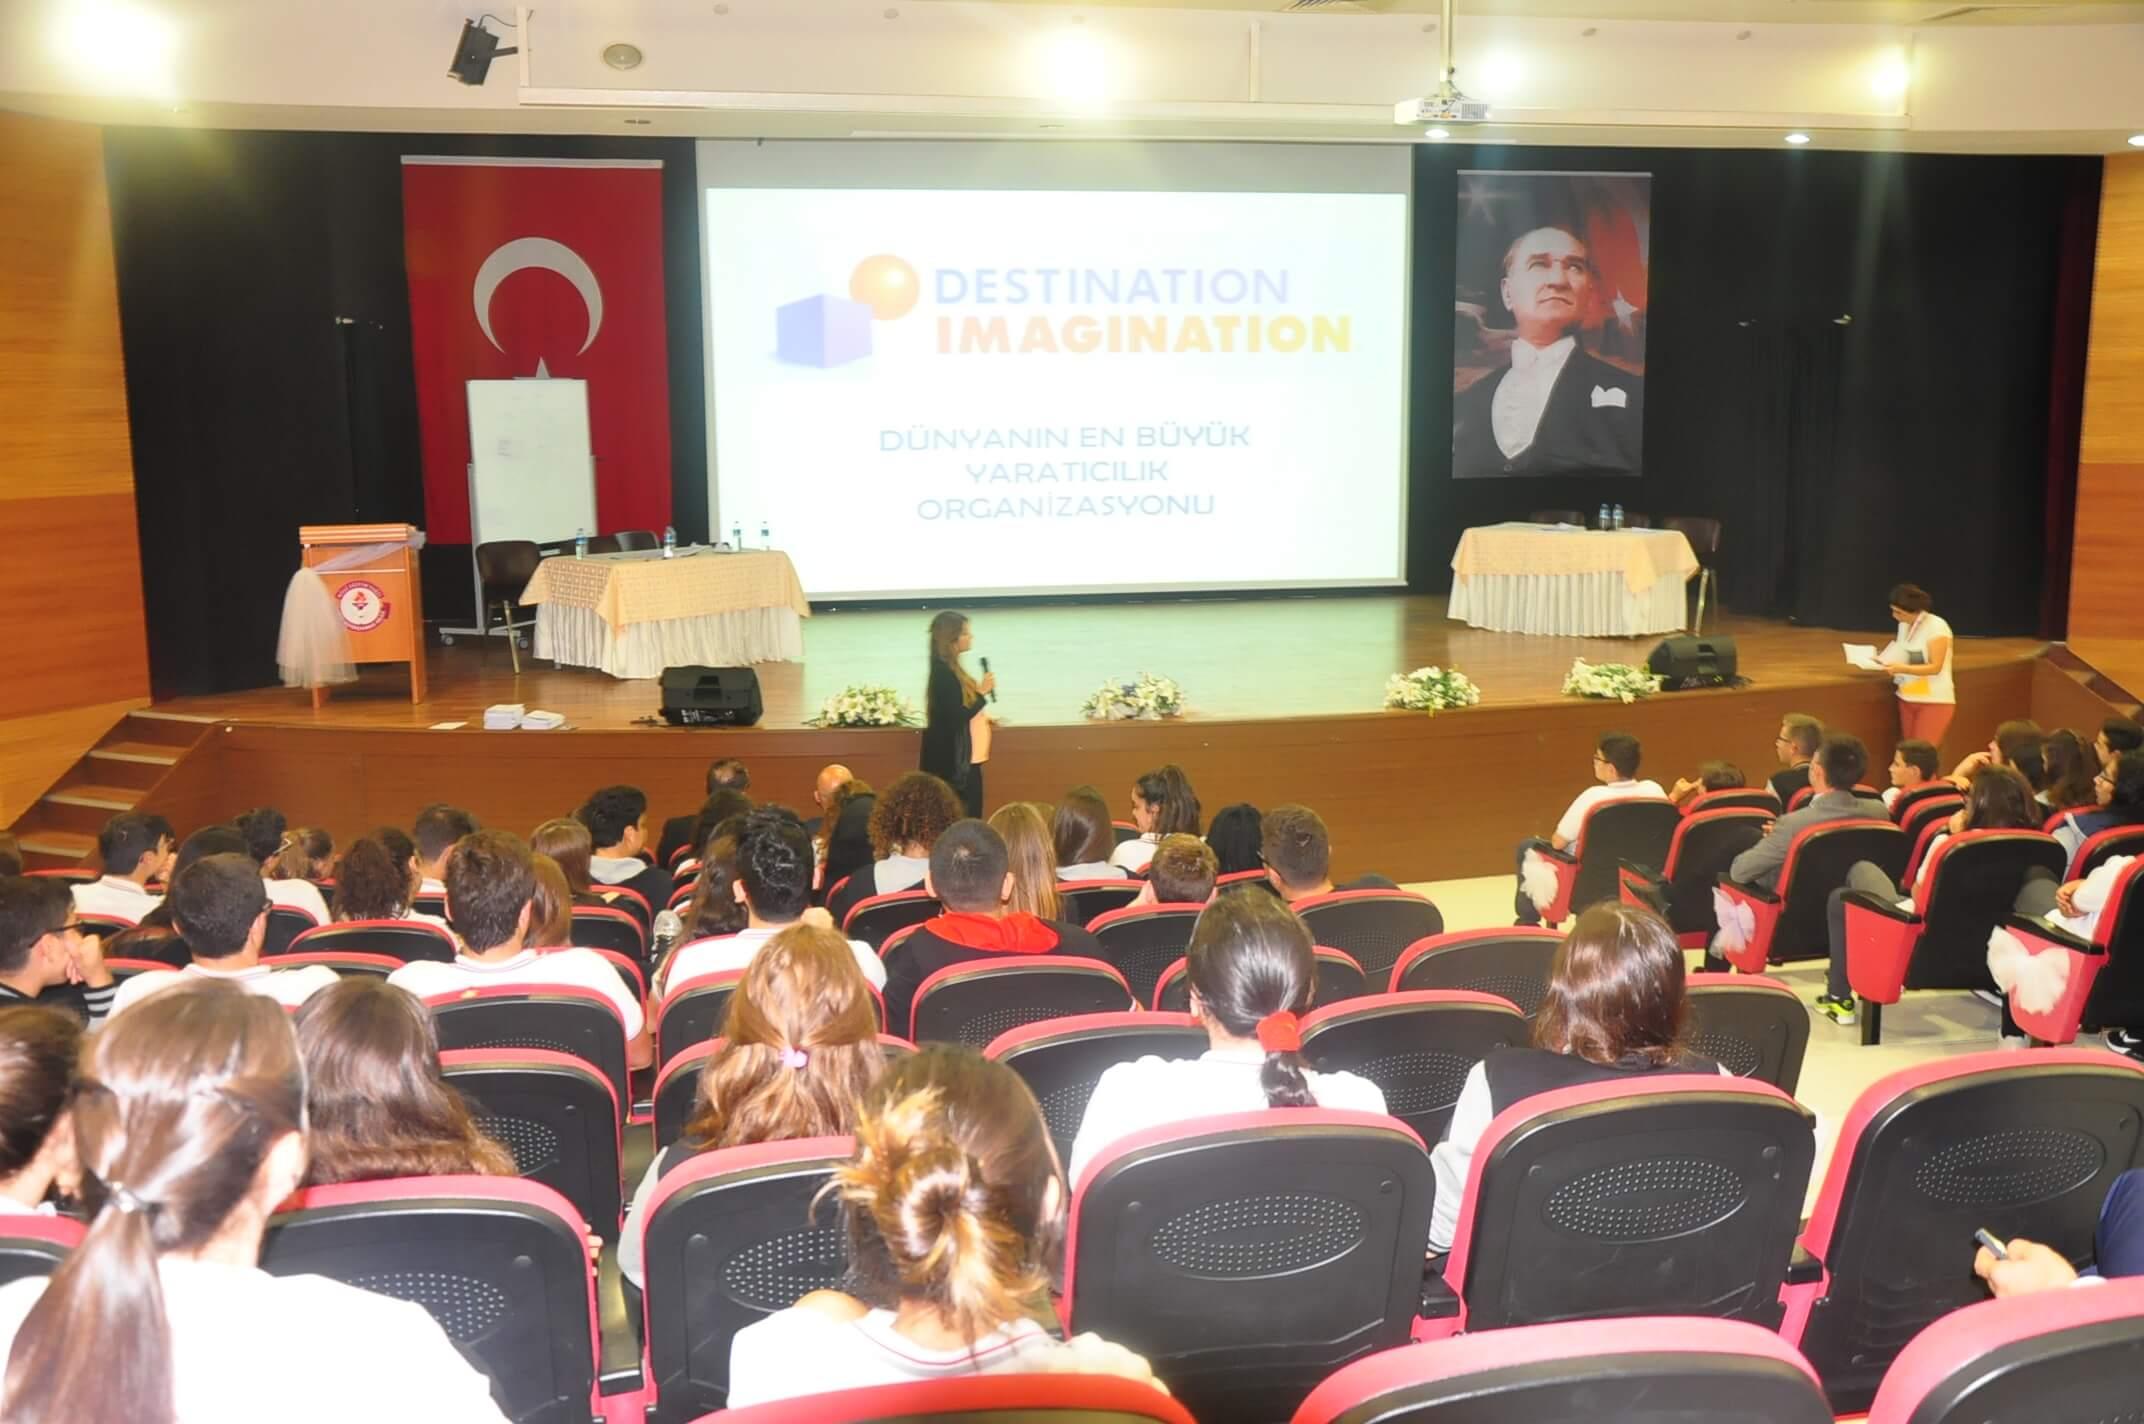 Anadolu Lisesi-Fen Lisesi Öğrencilerimize Yönelik Kulüp Tanıtımları Gerçekleştirildi